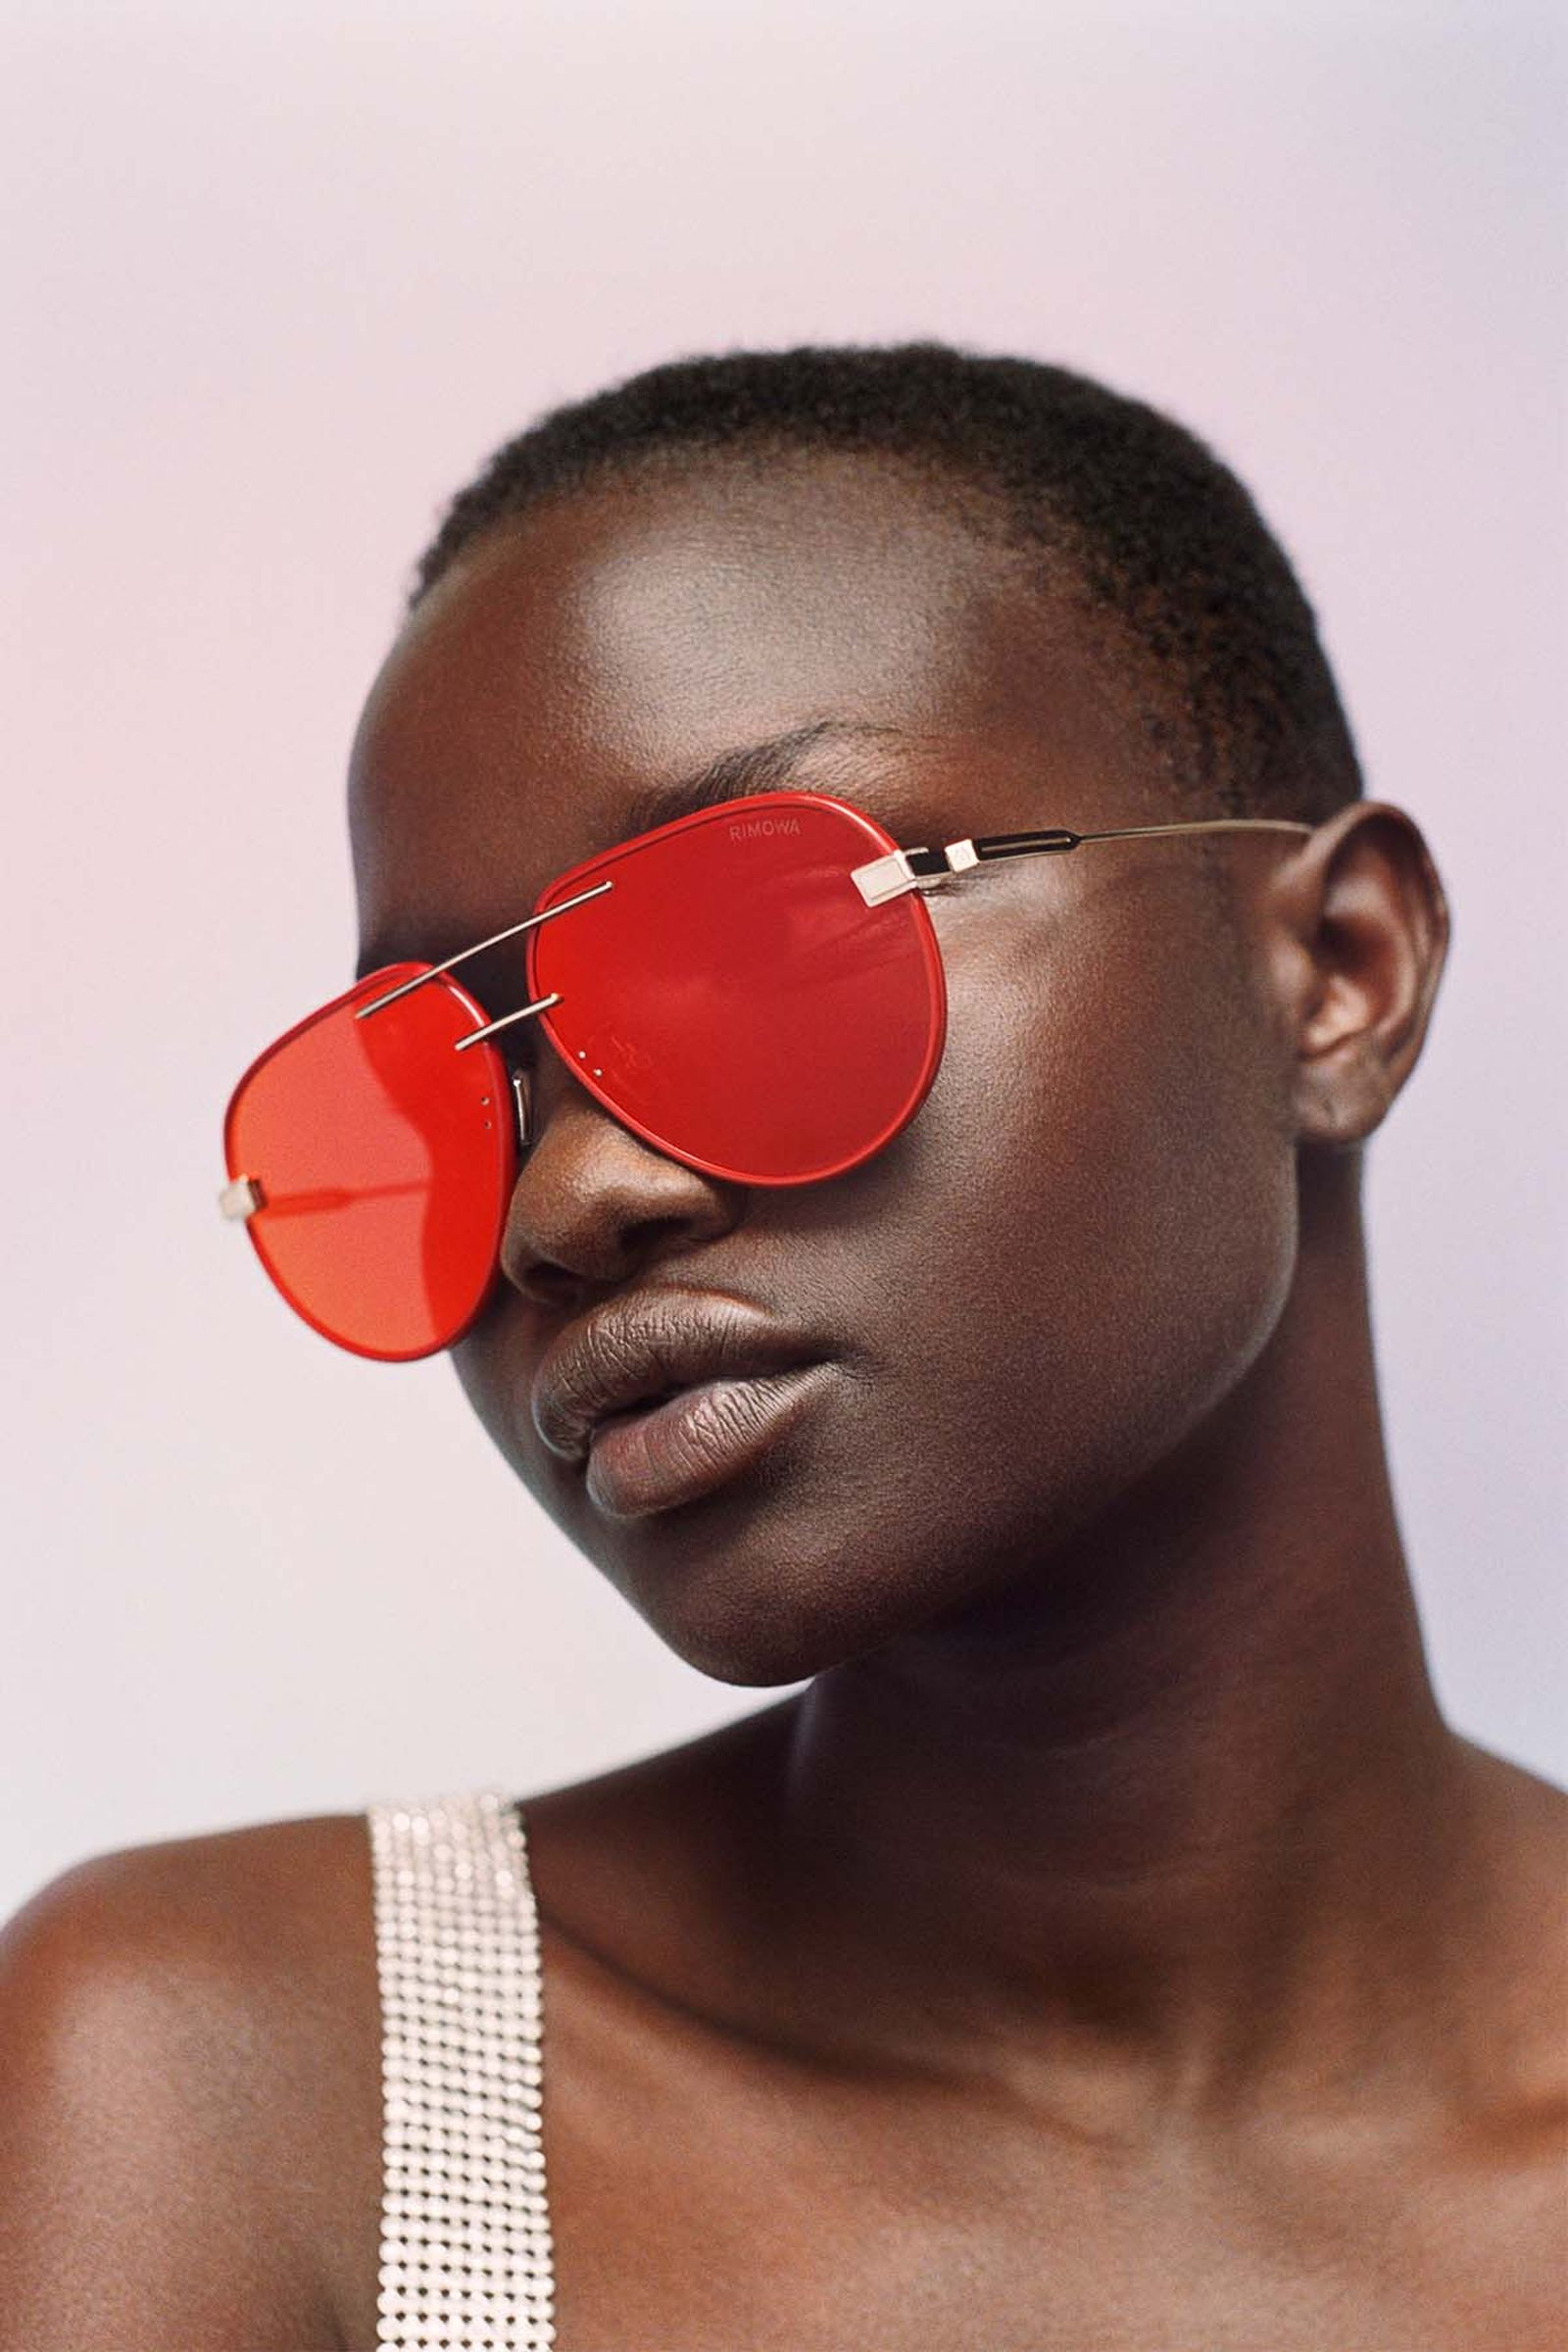 rimowa-eyewear-08